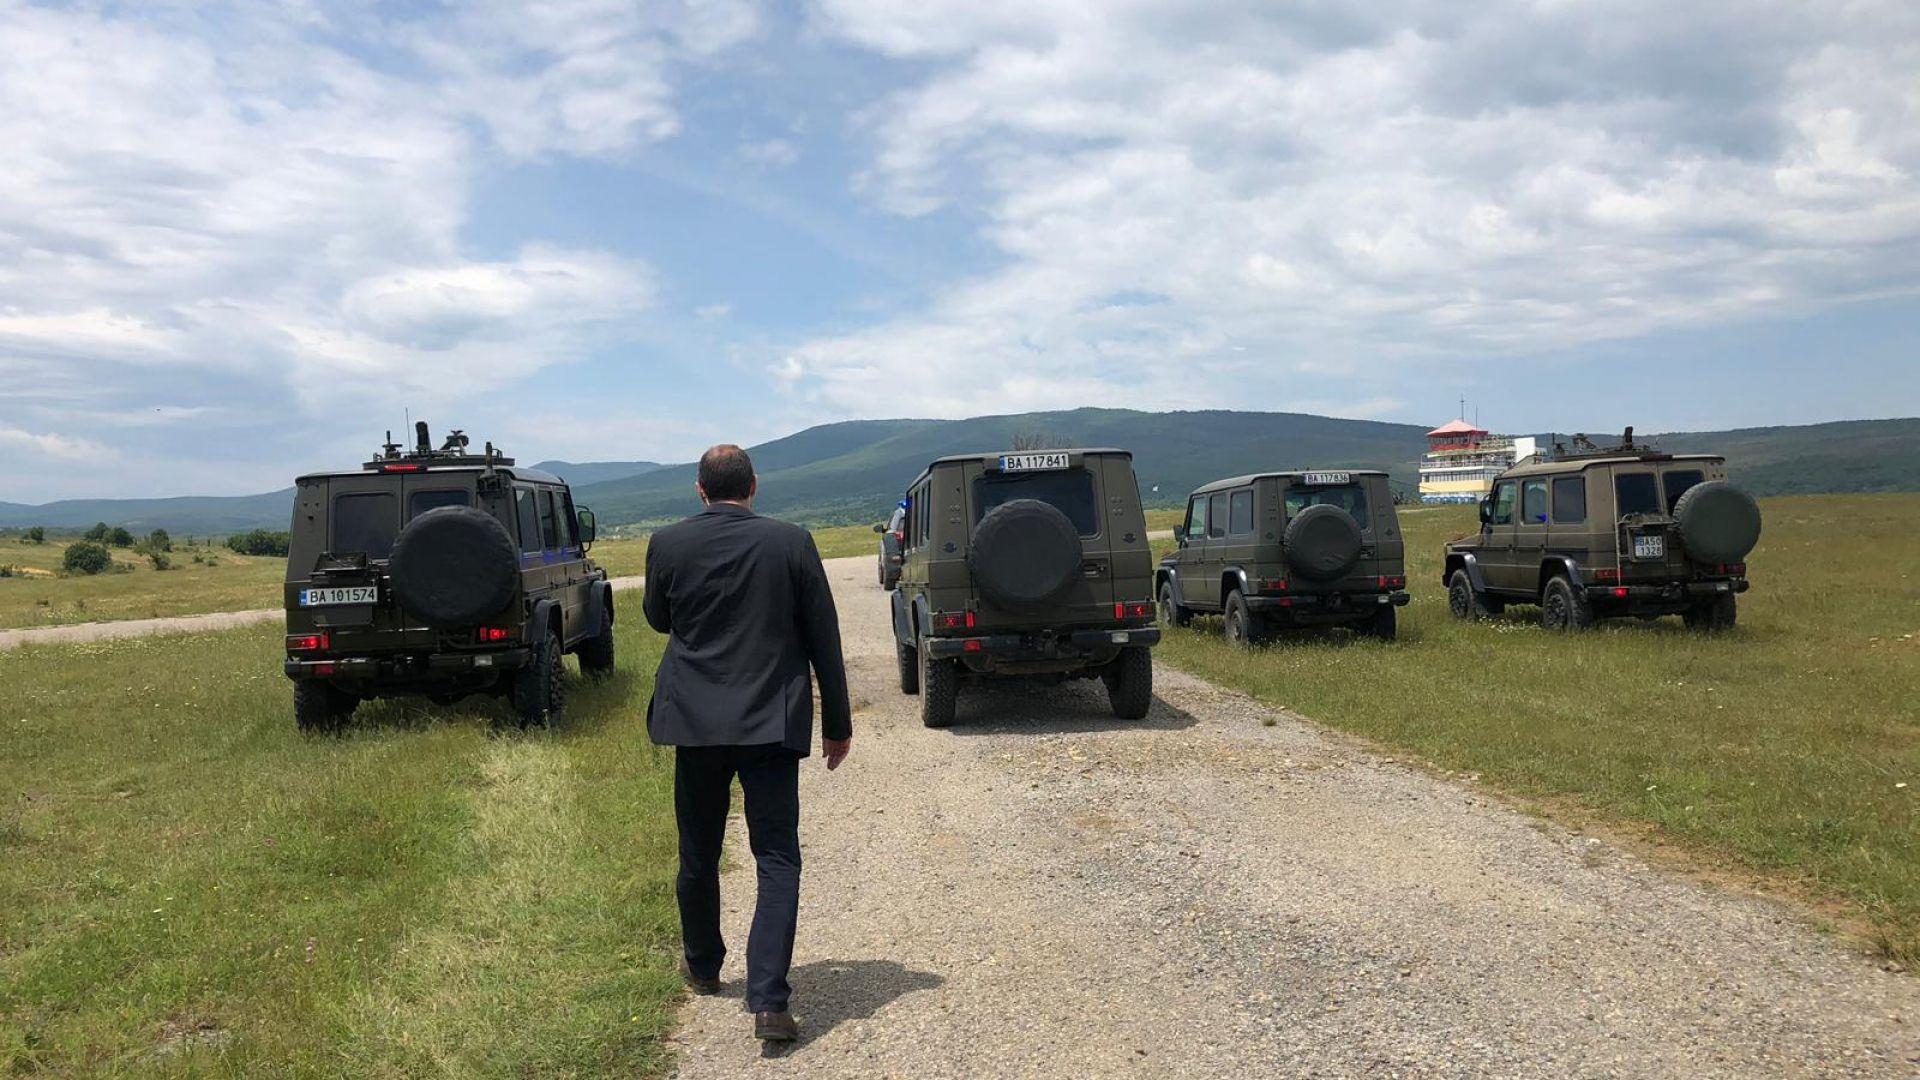 МО даде подробности за самоубийството на военния полицай в Ново село